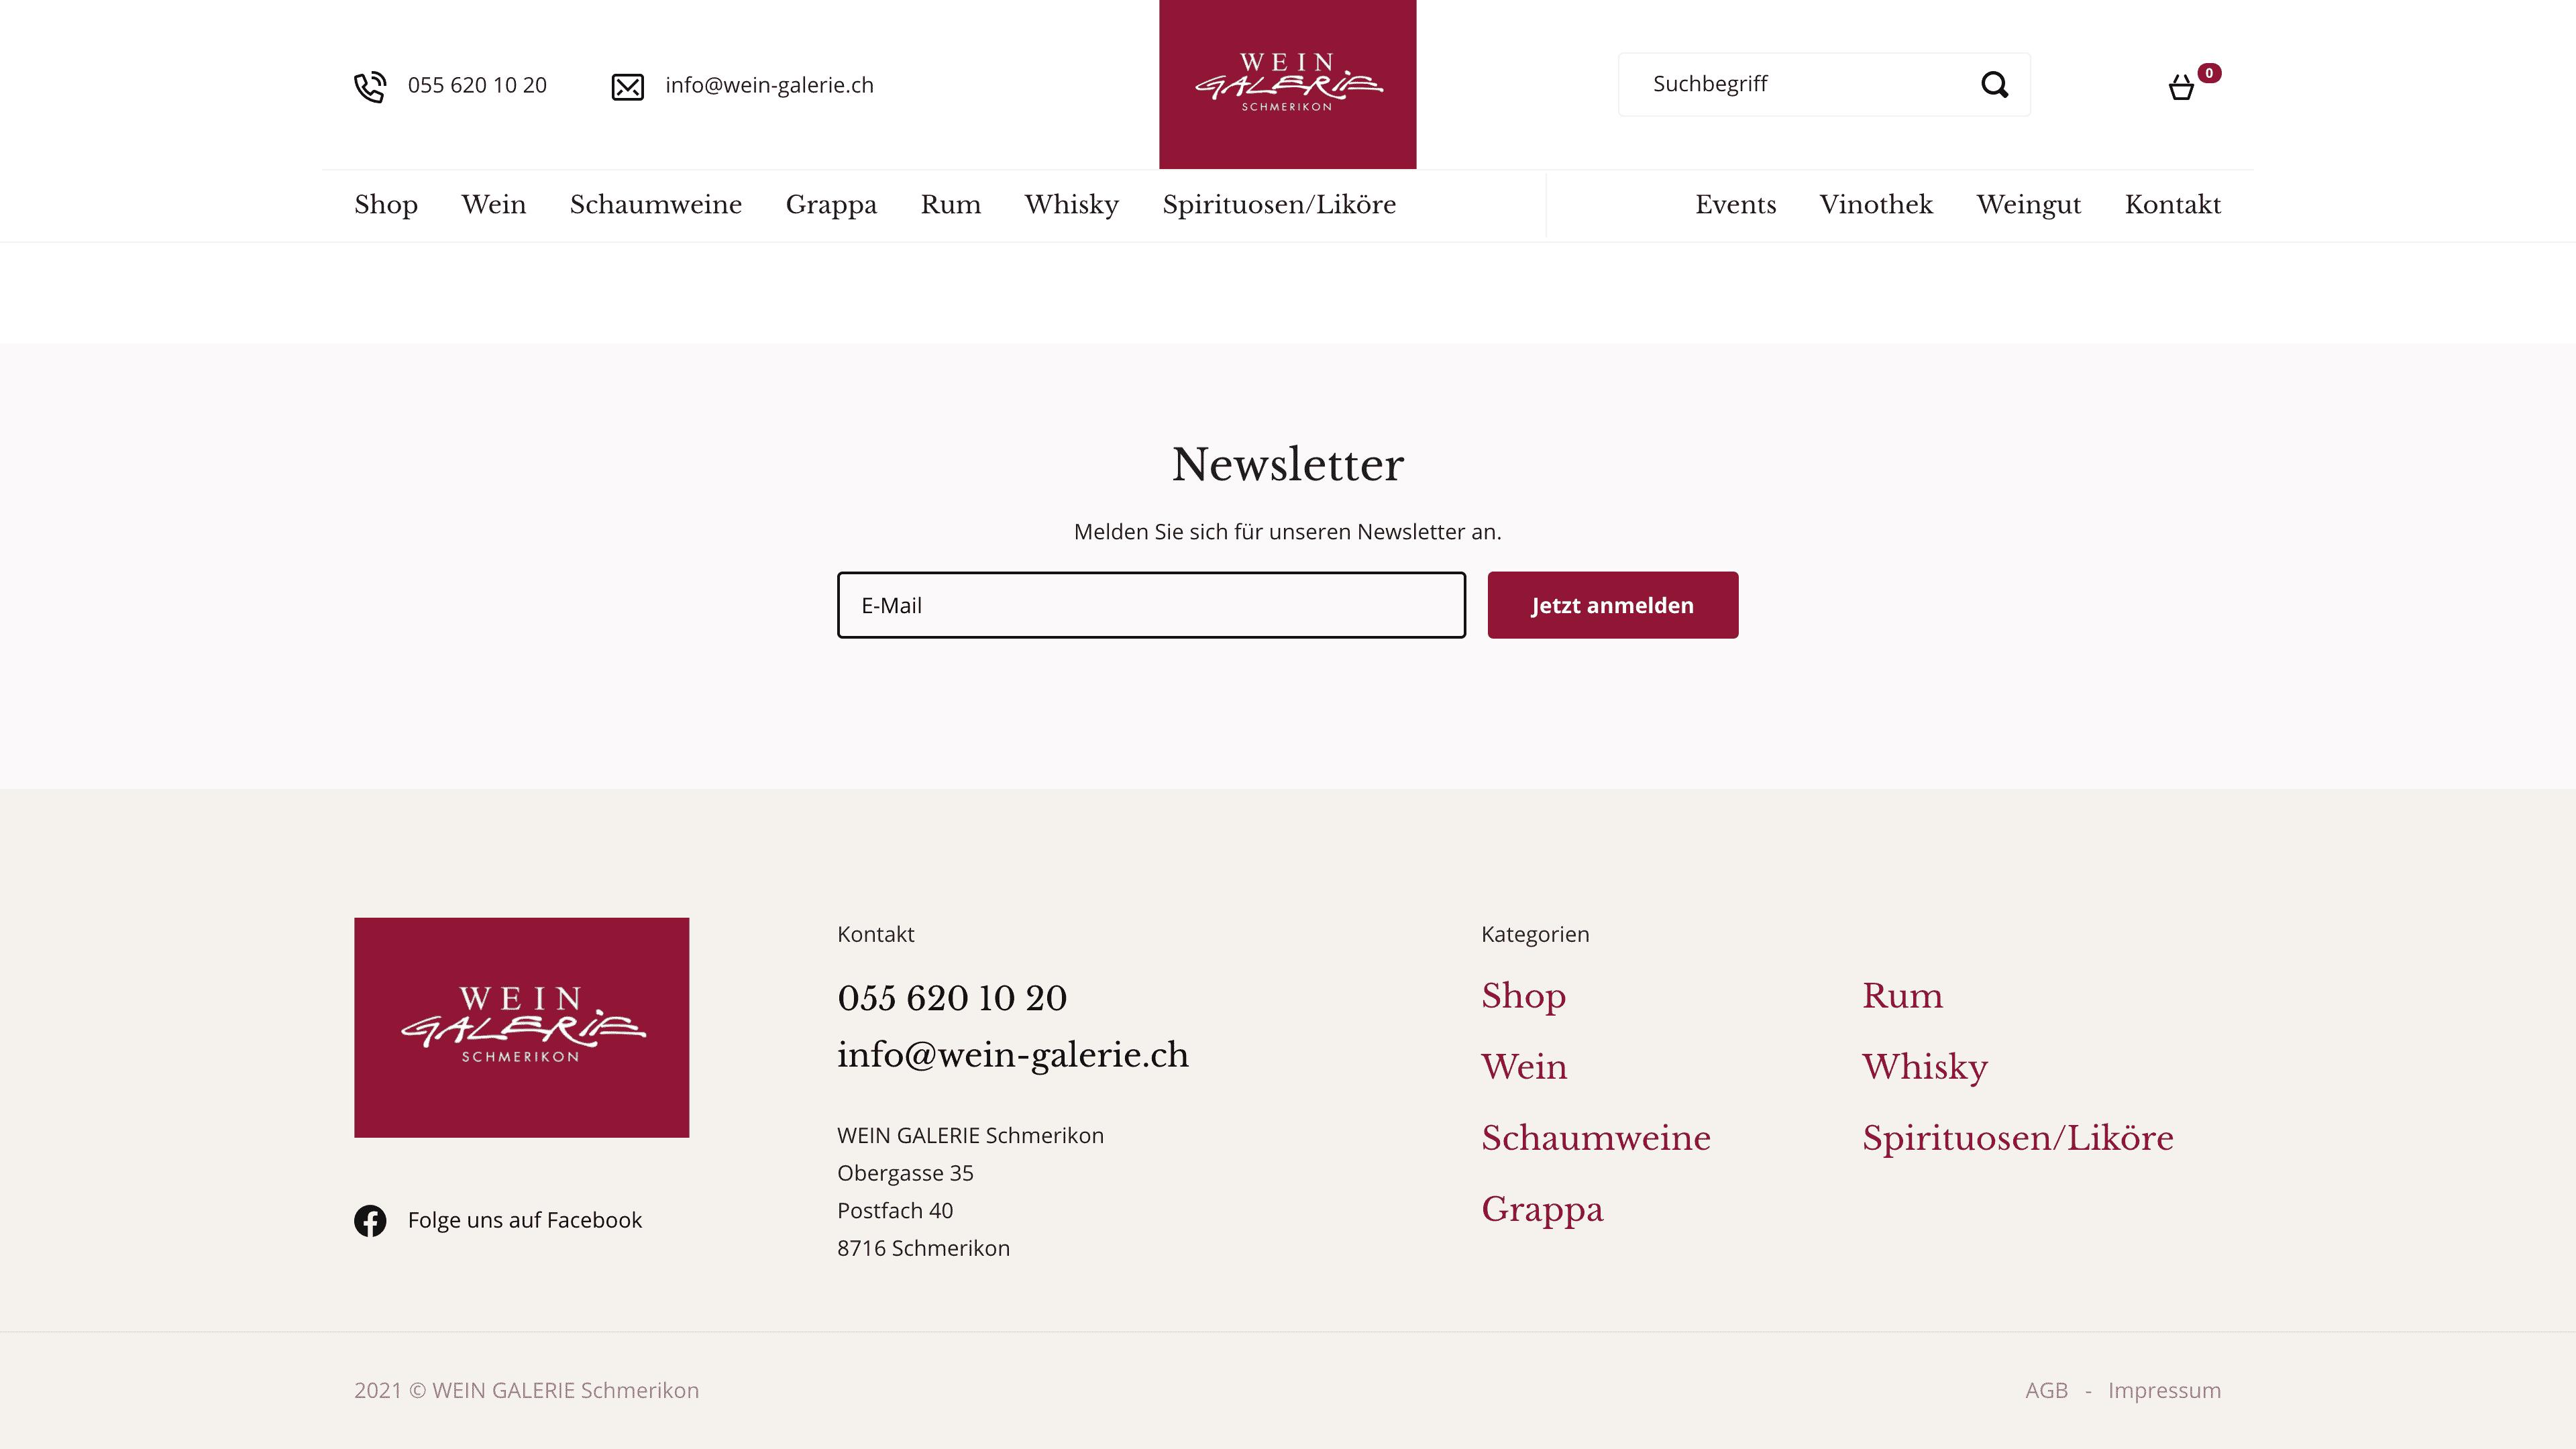 Wein Galerie Schmerikon - Webshop auf Wordpress mit WooCommerce - Newsletter